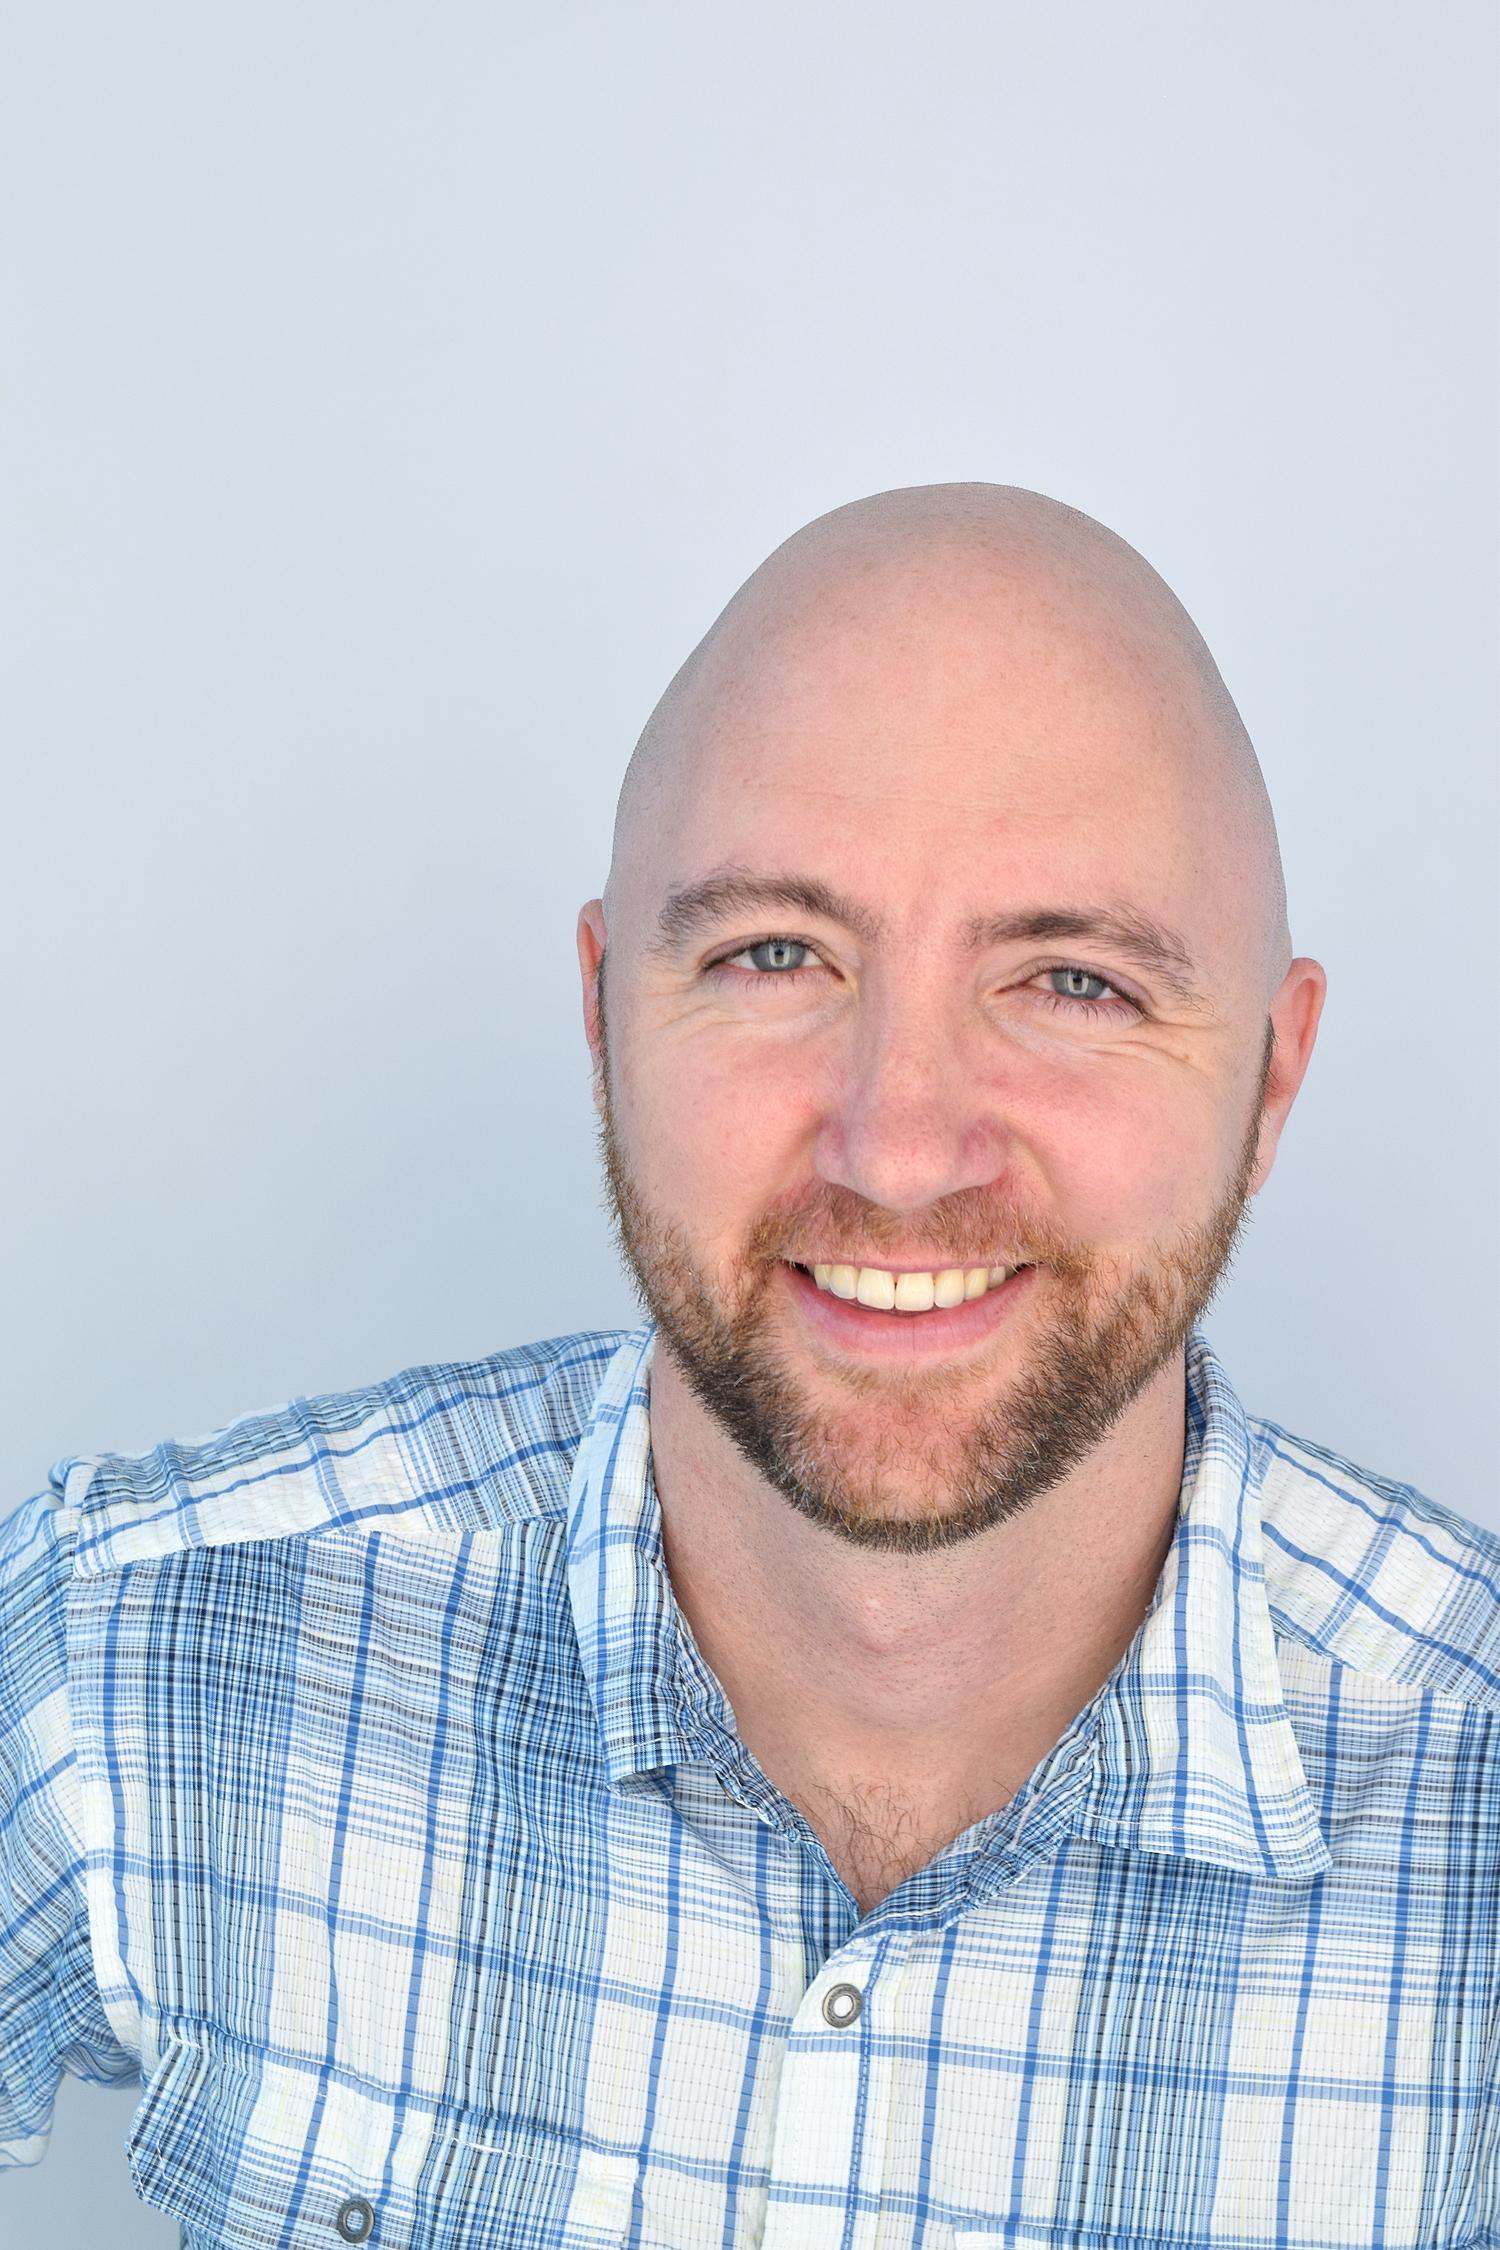 O'keefe headshot.jpg